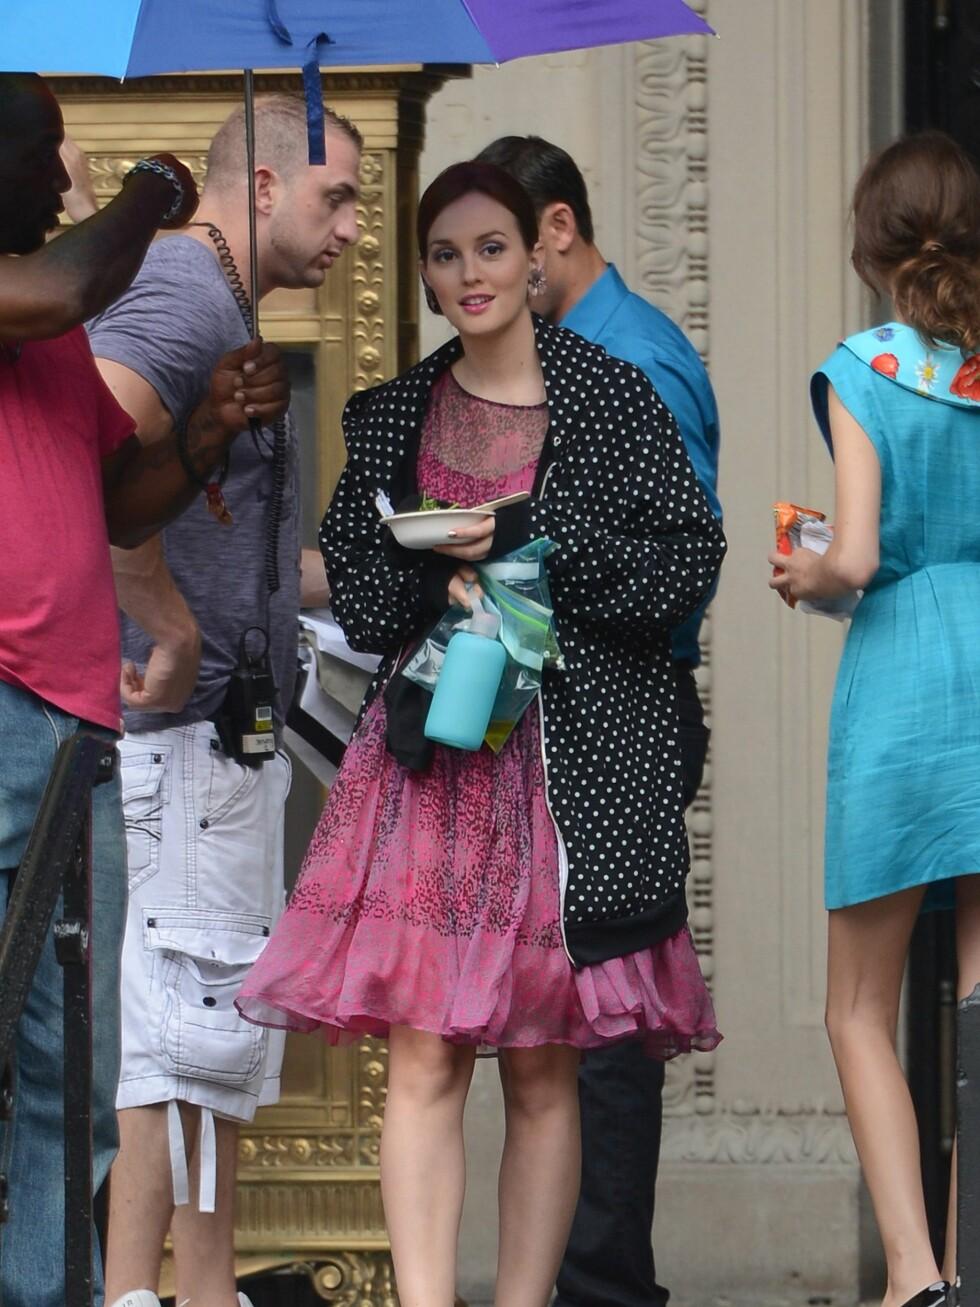 Her ser du Alexa Chung passere Leighton Meester. Meester har på seg en kjole fra Red Valentino. Foto: All Over Press